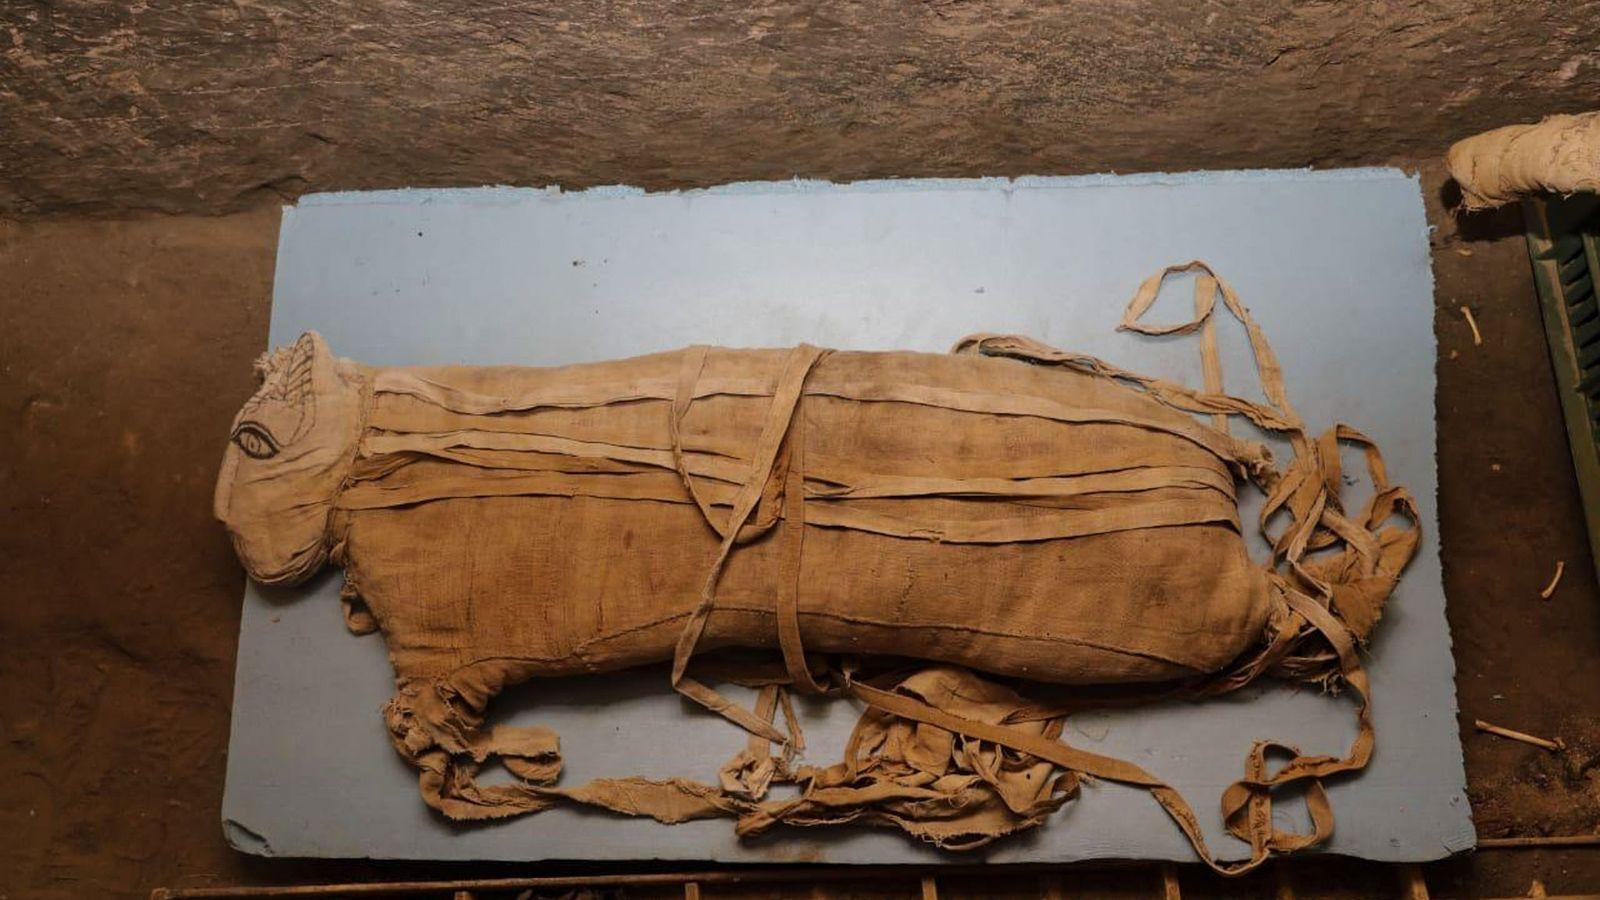 Este filhote de leão tinha cerca de oito meses quando foi mumificado. Até a declaração recente, ...